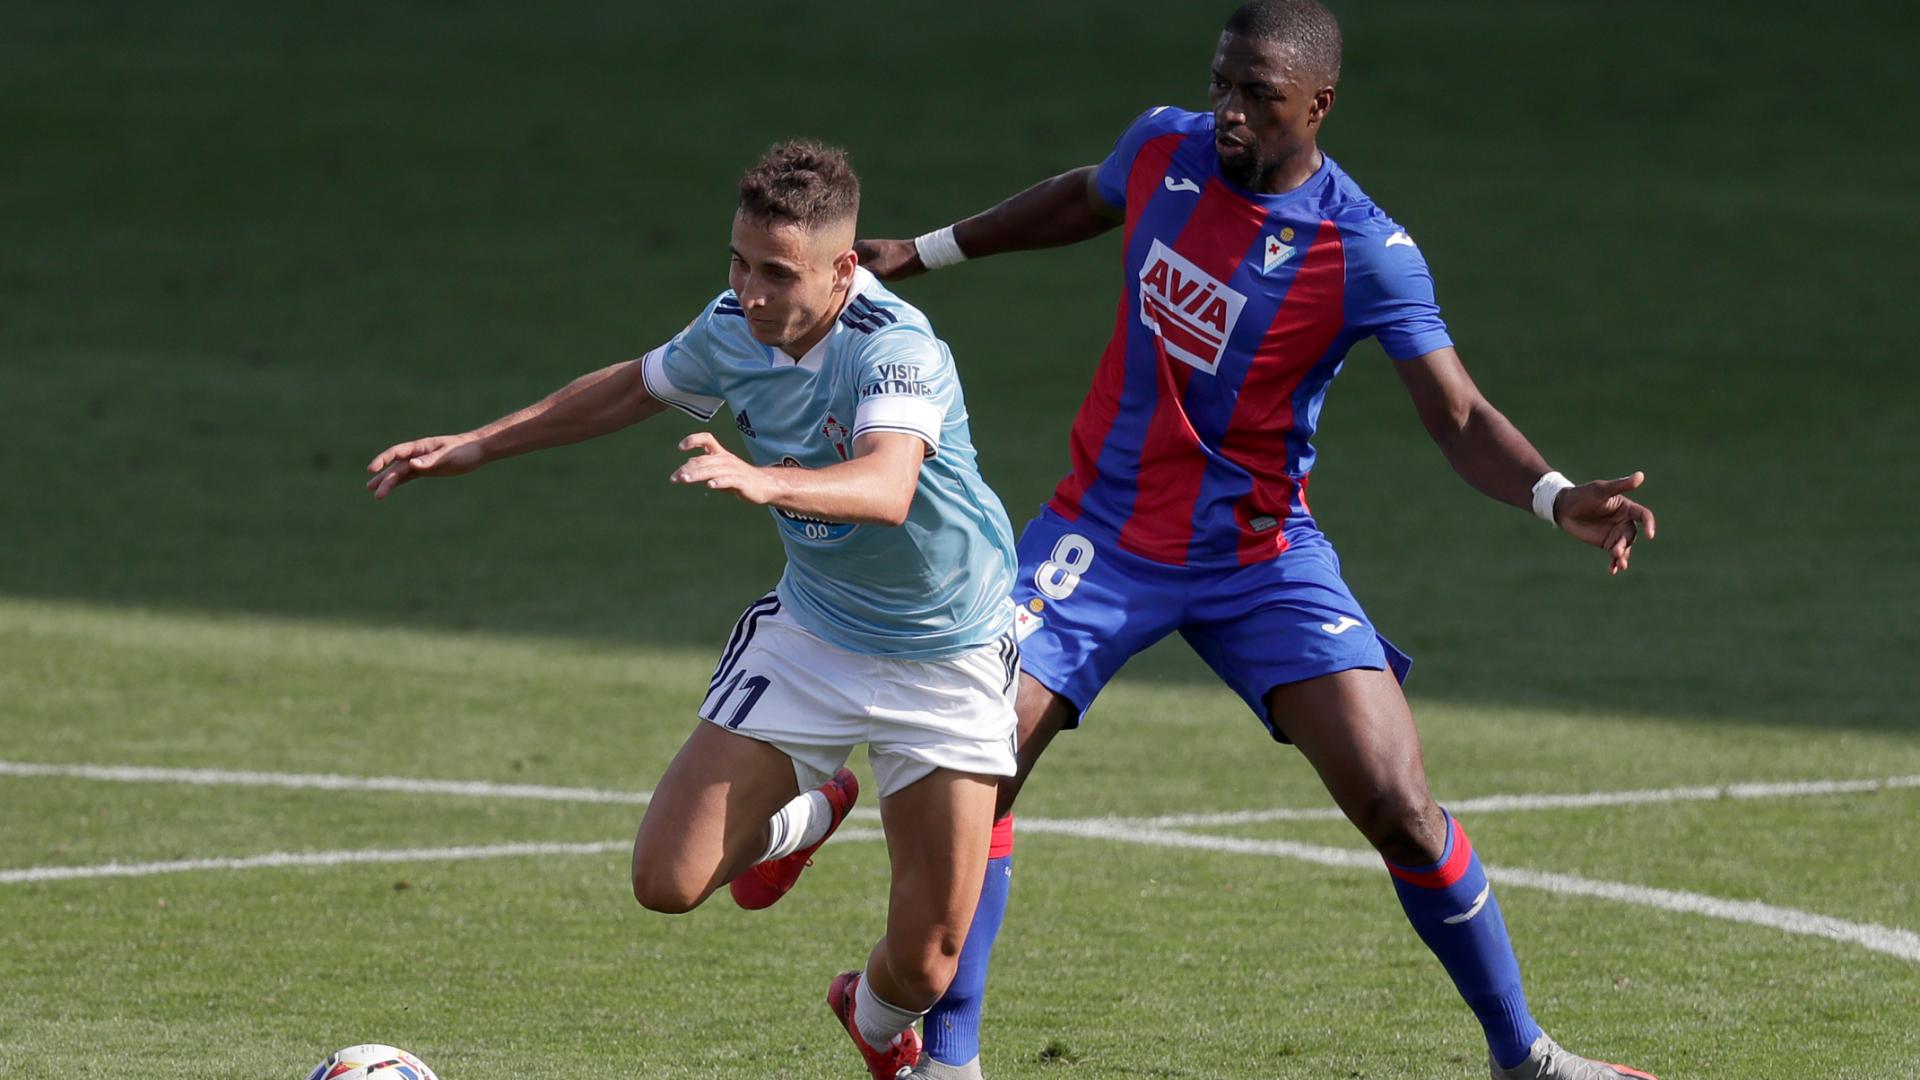 Basque worries continue for Celta Vigo as LaLiga season kicks off